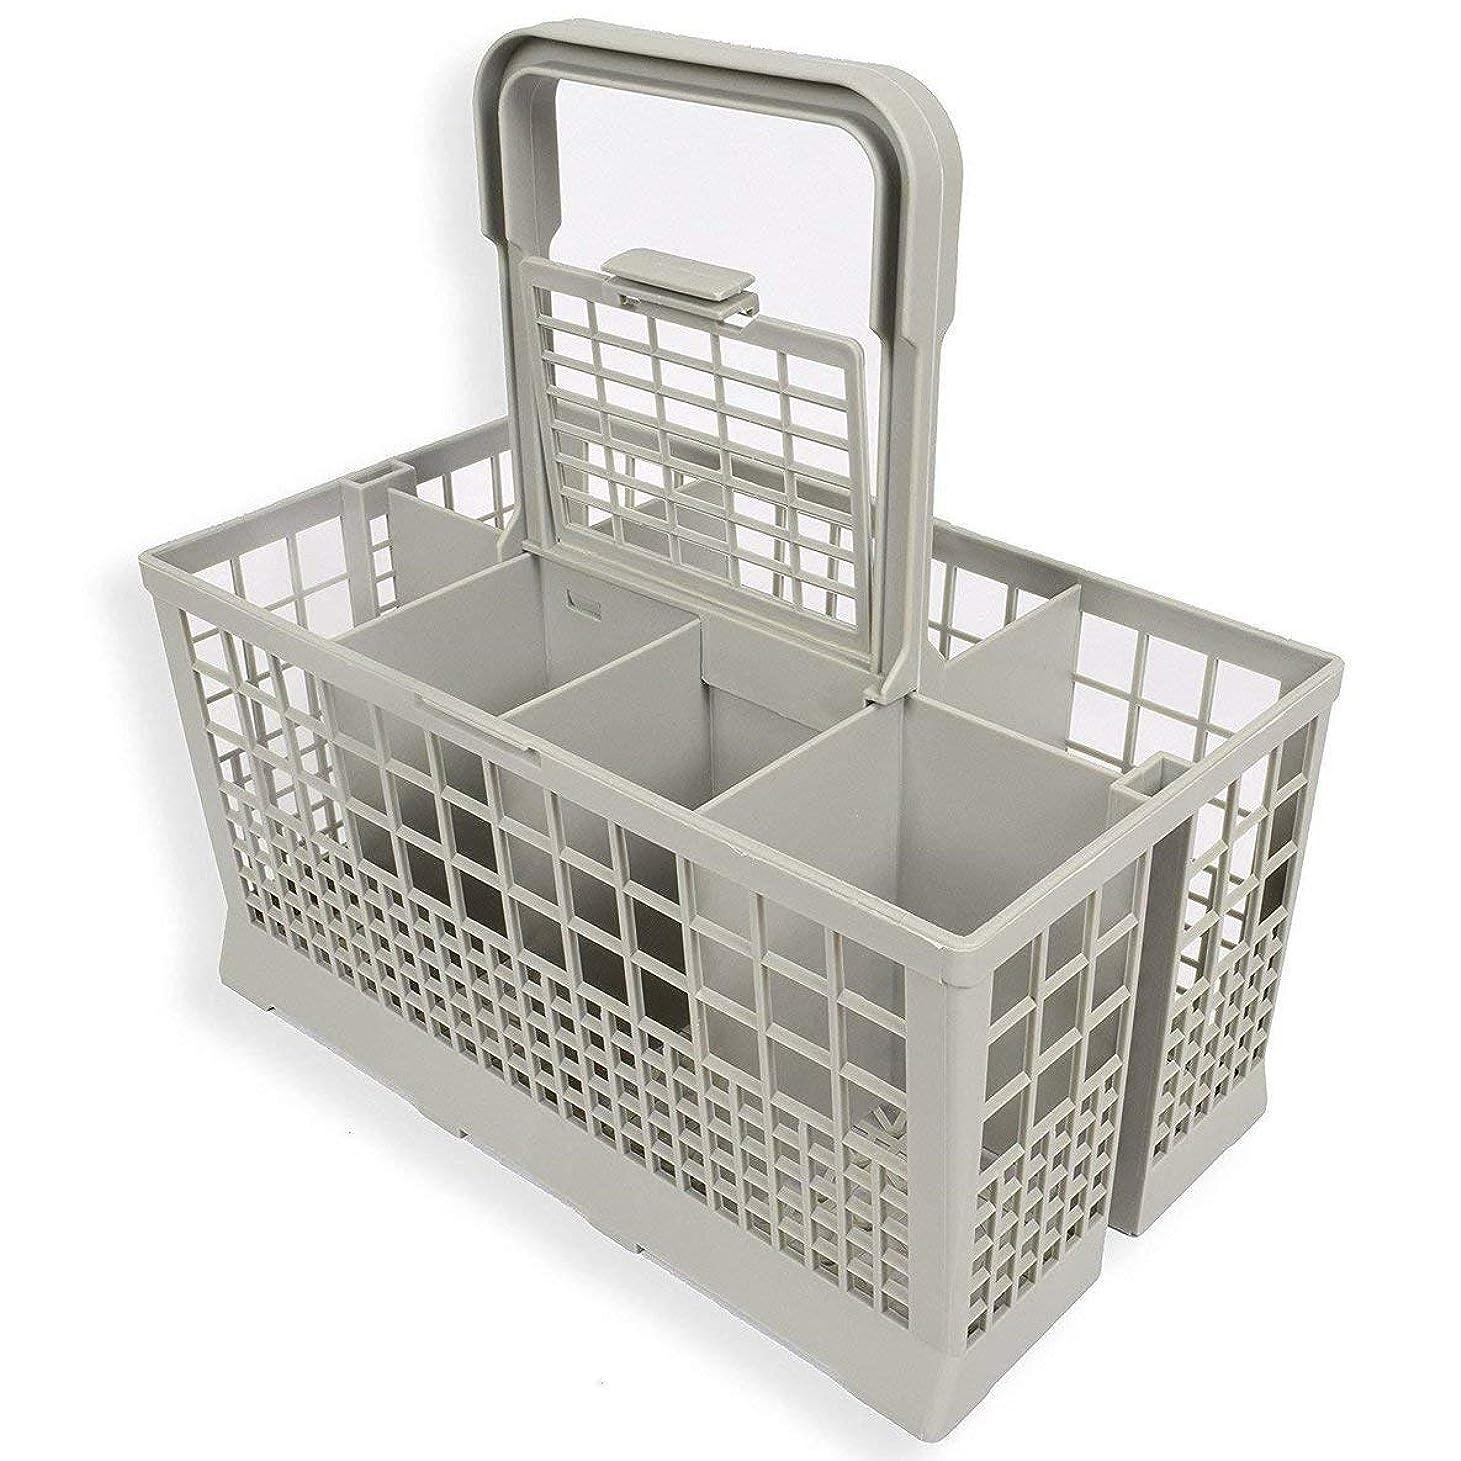 差別する暗殺ホイスト1ピースユニバーサル食器洗い機カトラリーバスケット収納ボックスキッチンエイドスペアパーツ - グレー240 * 140 * 120